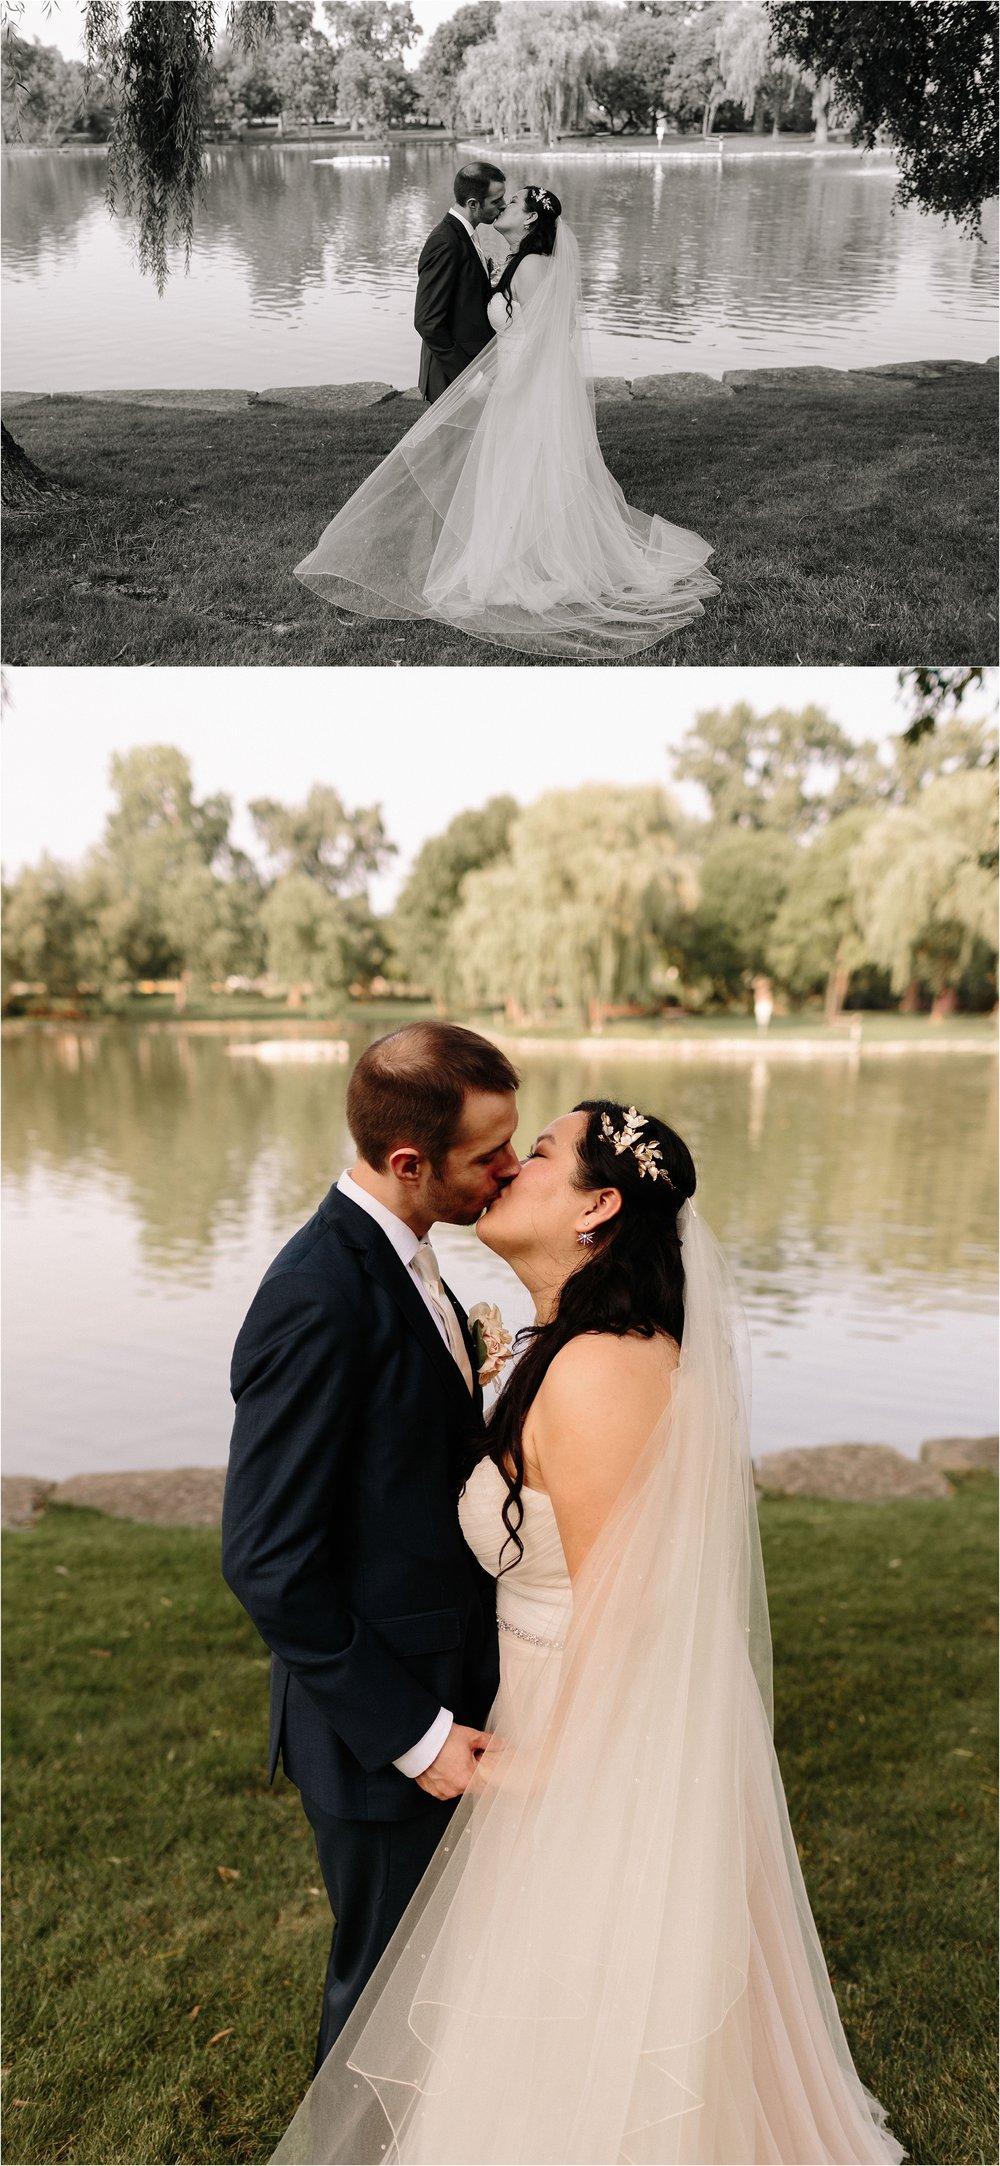 Chicago-Marriott-Schaumburg-Wedding-128.jpg